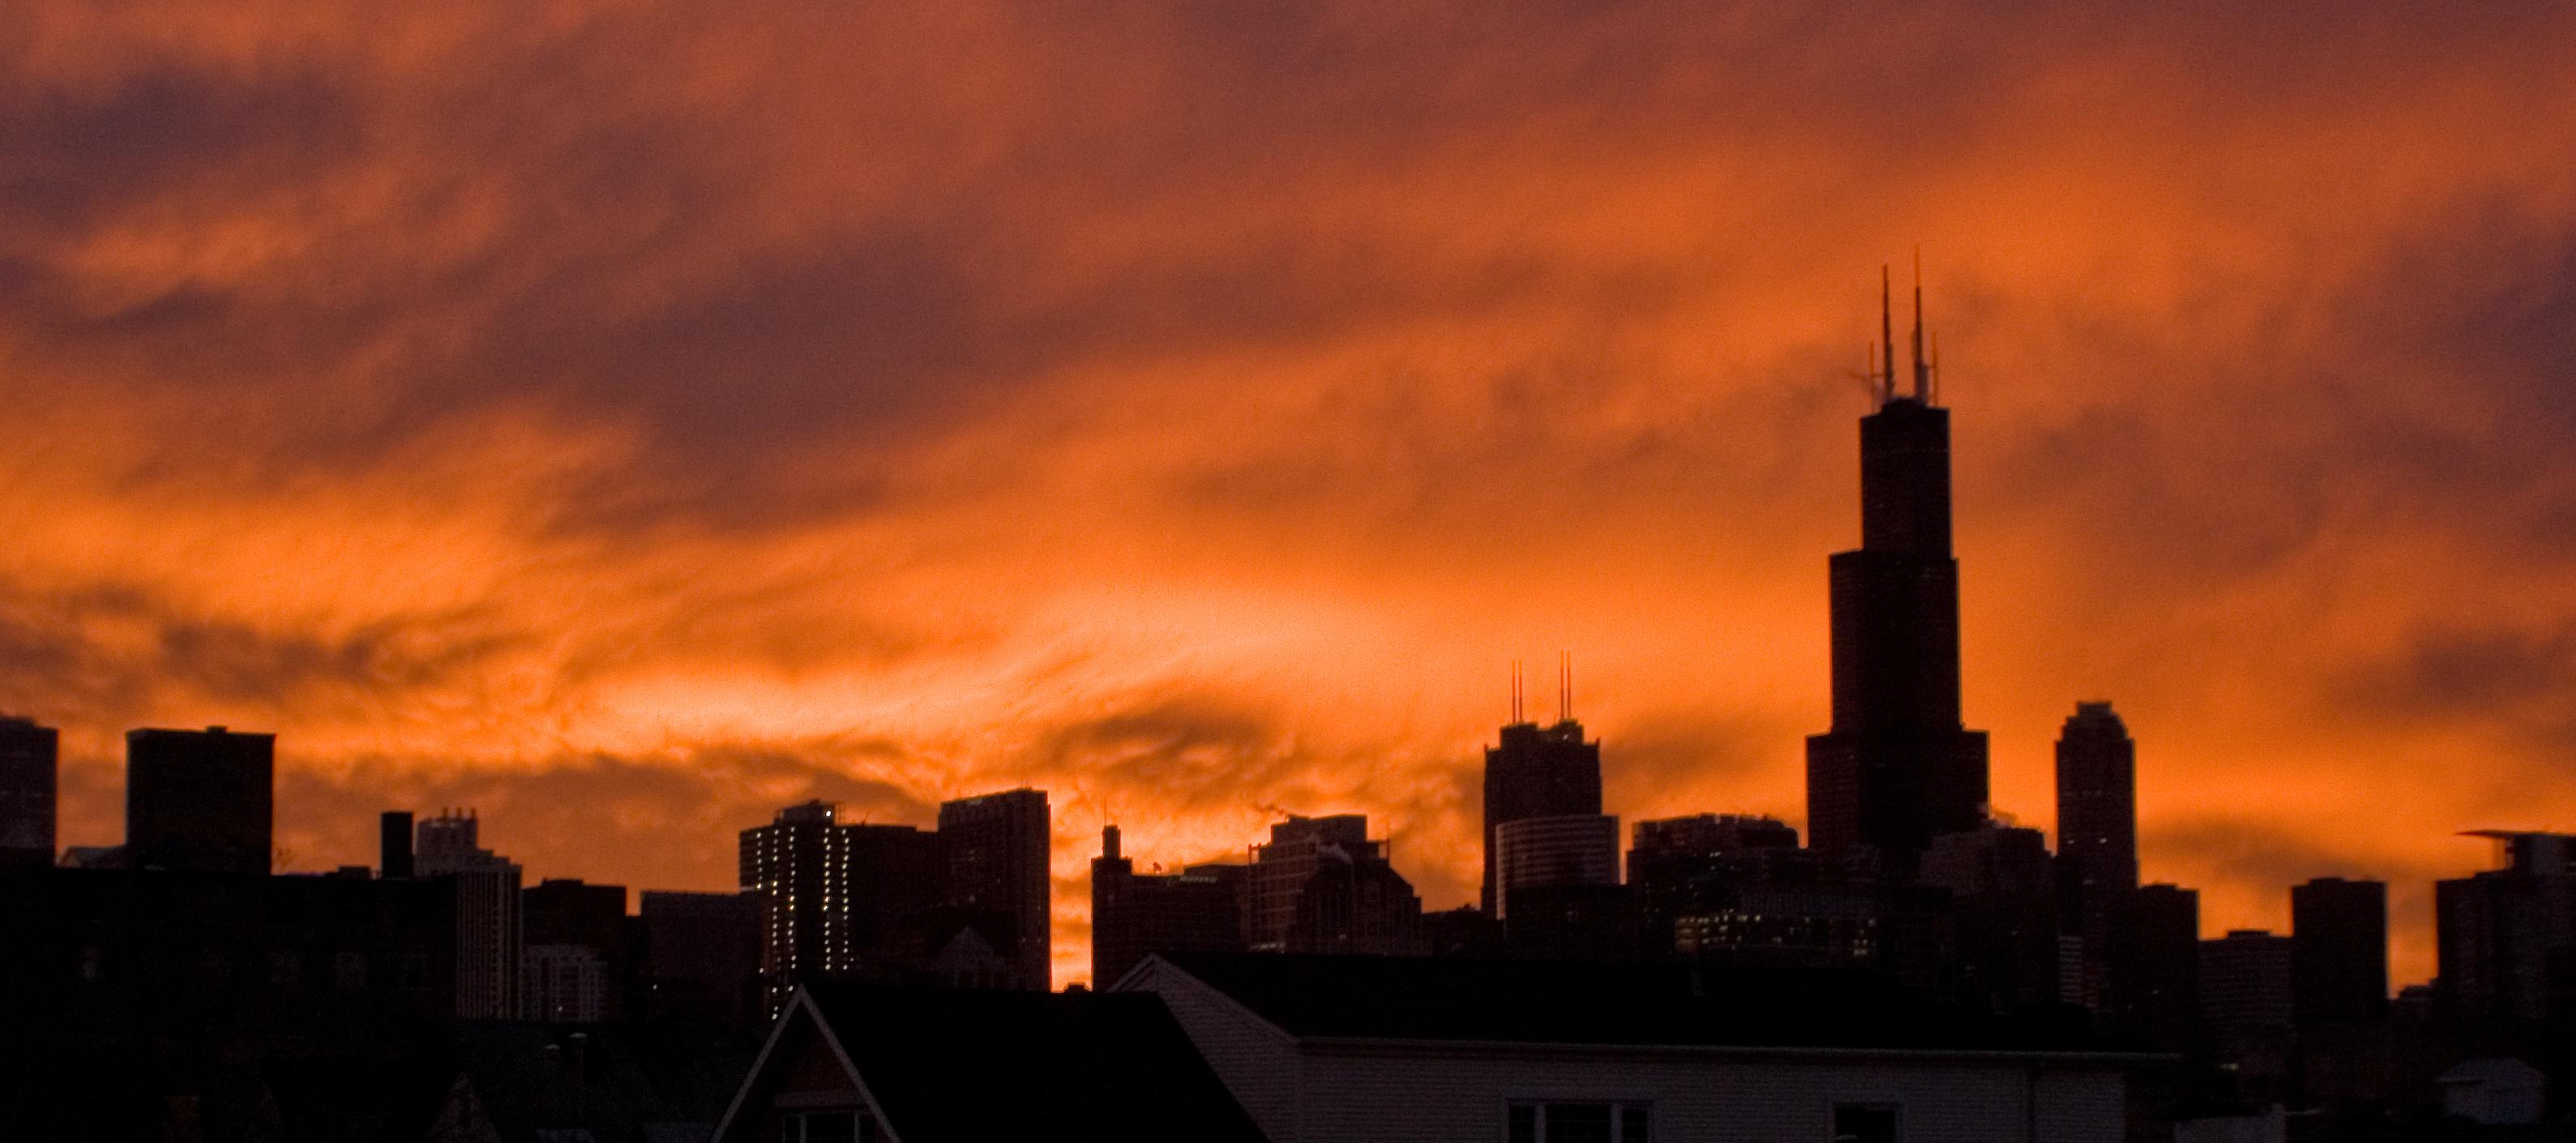 """""""Jupiter Morning"""" by merrickb - https://www.flickr.com/photos/merrickb/3051217138"""